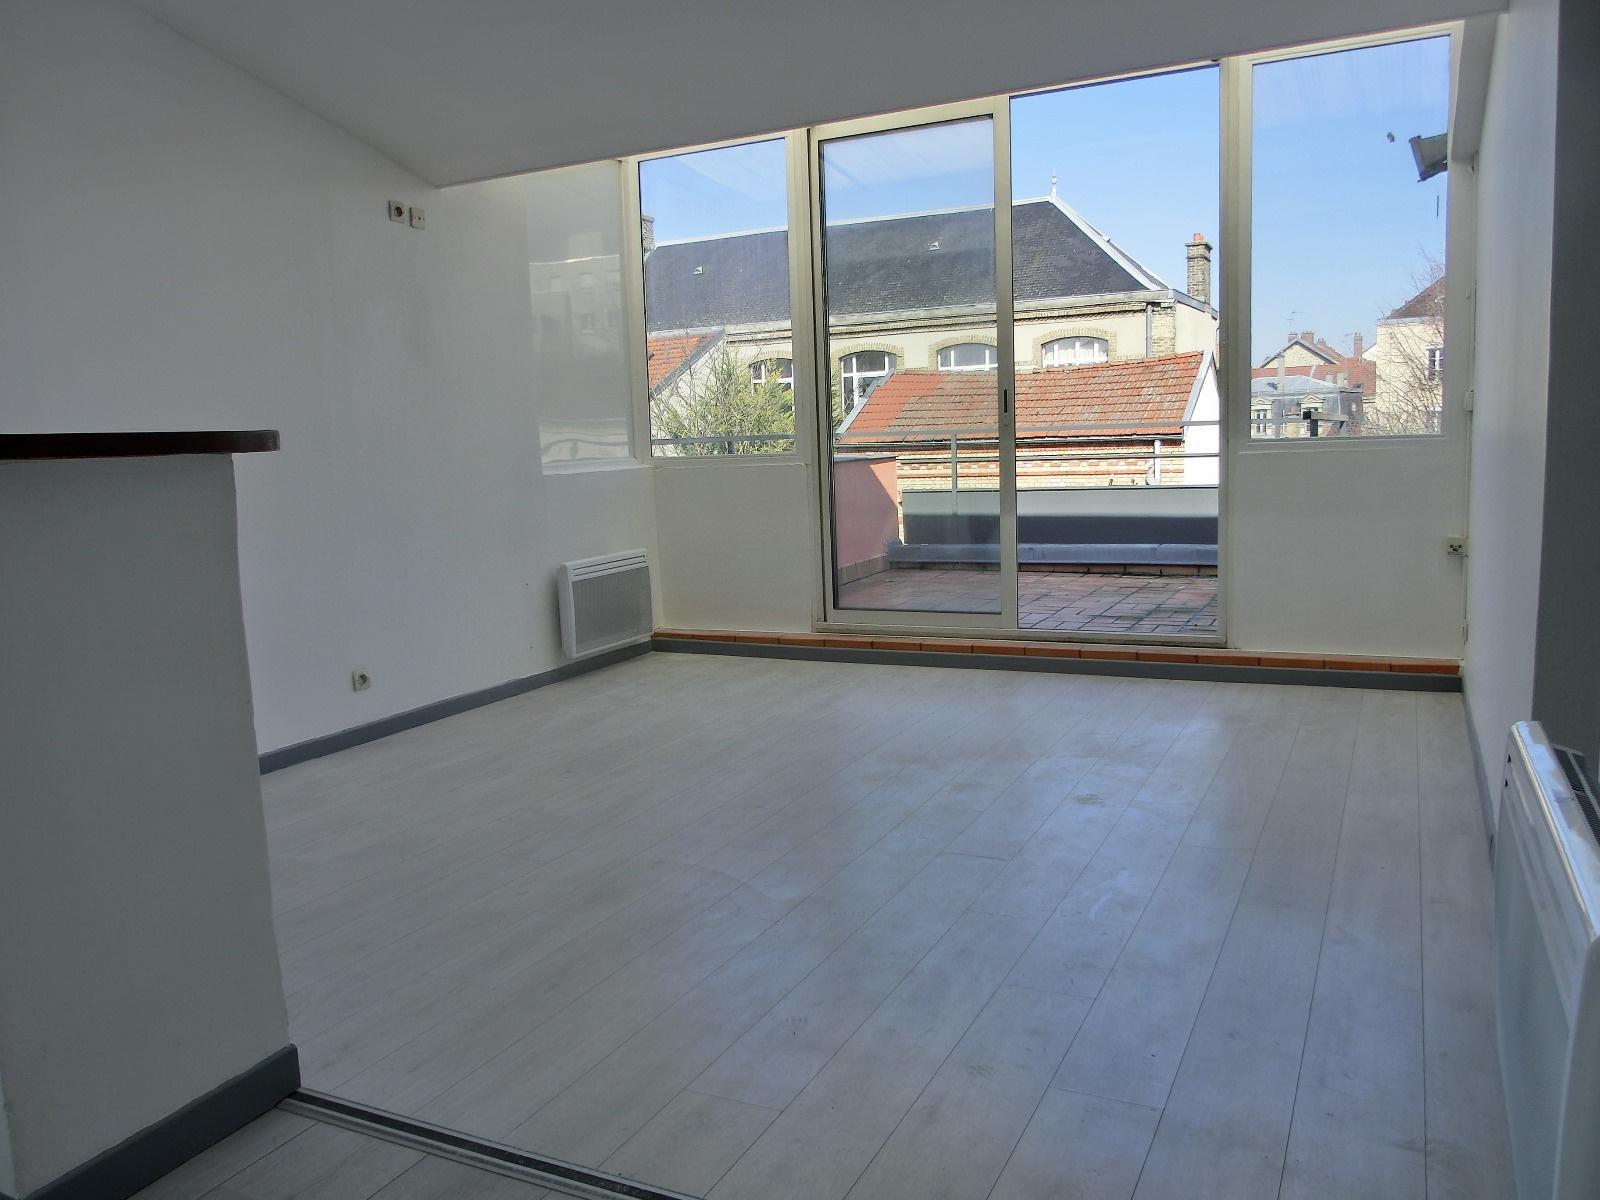 Vente reims appartement coup de c ur de type 4 avec terrasse - Coup de pouce immobilier reims ...